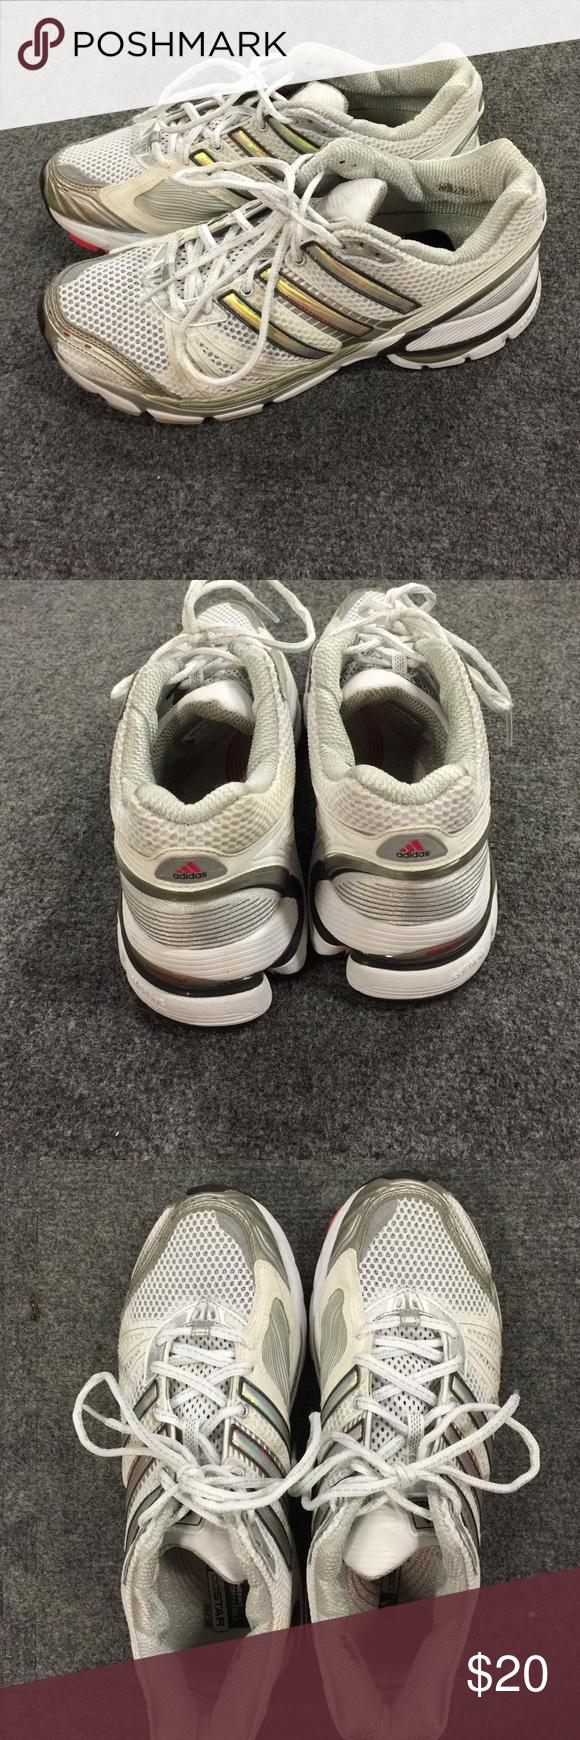 adidas che misura 9 1 / 2 adidas scarpe da corsa,